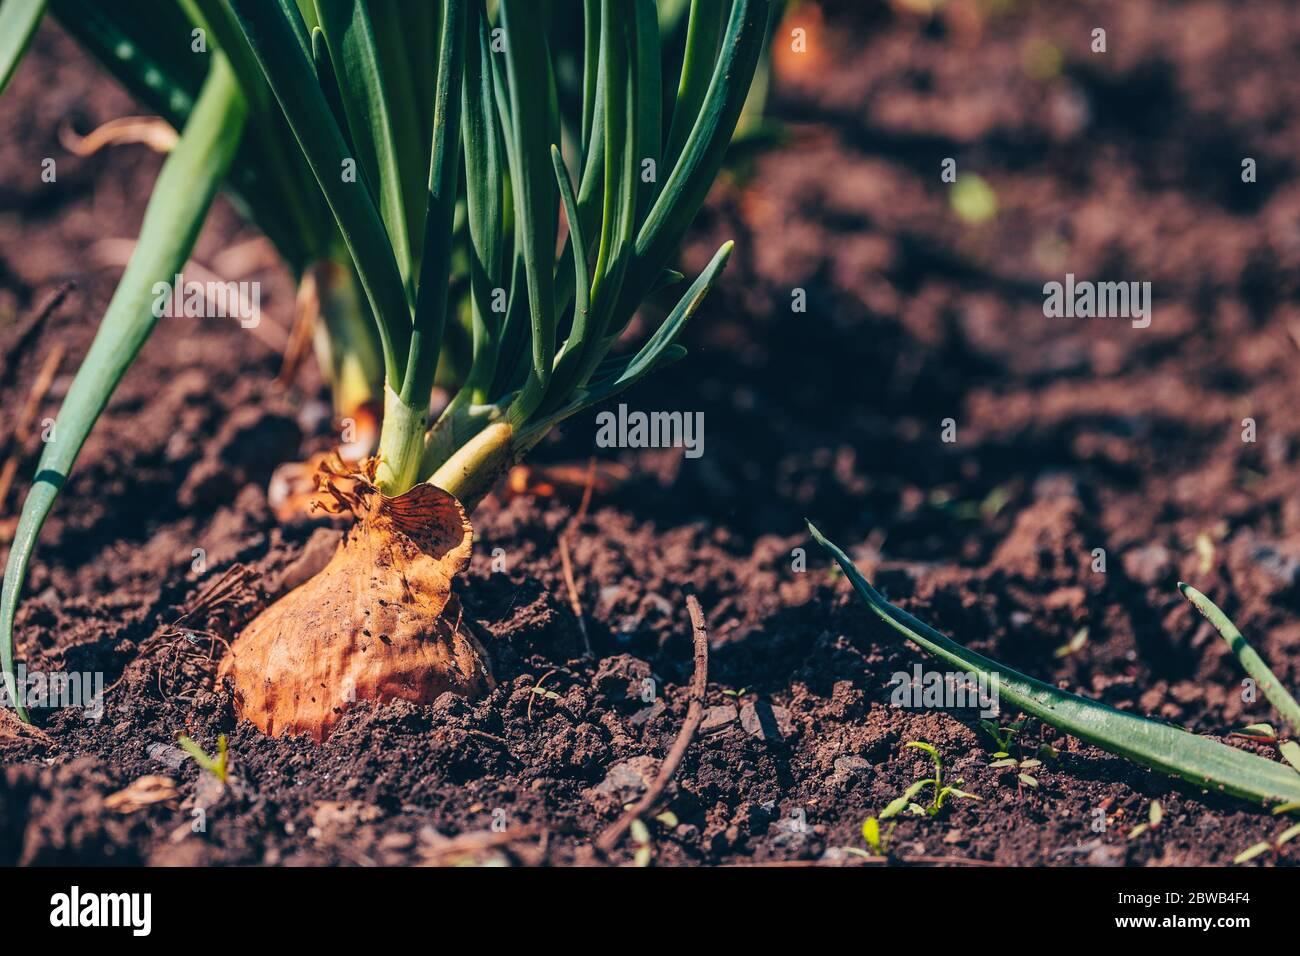 Gros plan de la culture de l'oignon dans le jardin. Oignon en fleur dans le sol. Concept d'espace pour votre texte. Banque D'Images